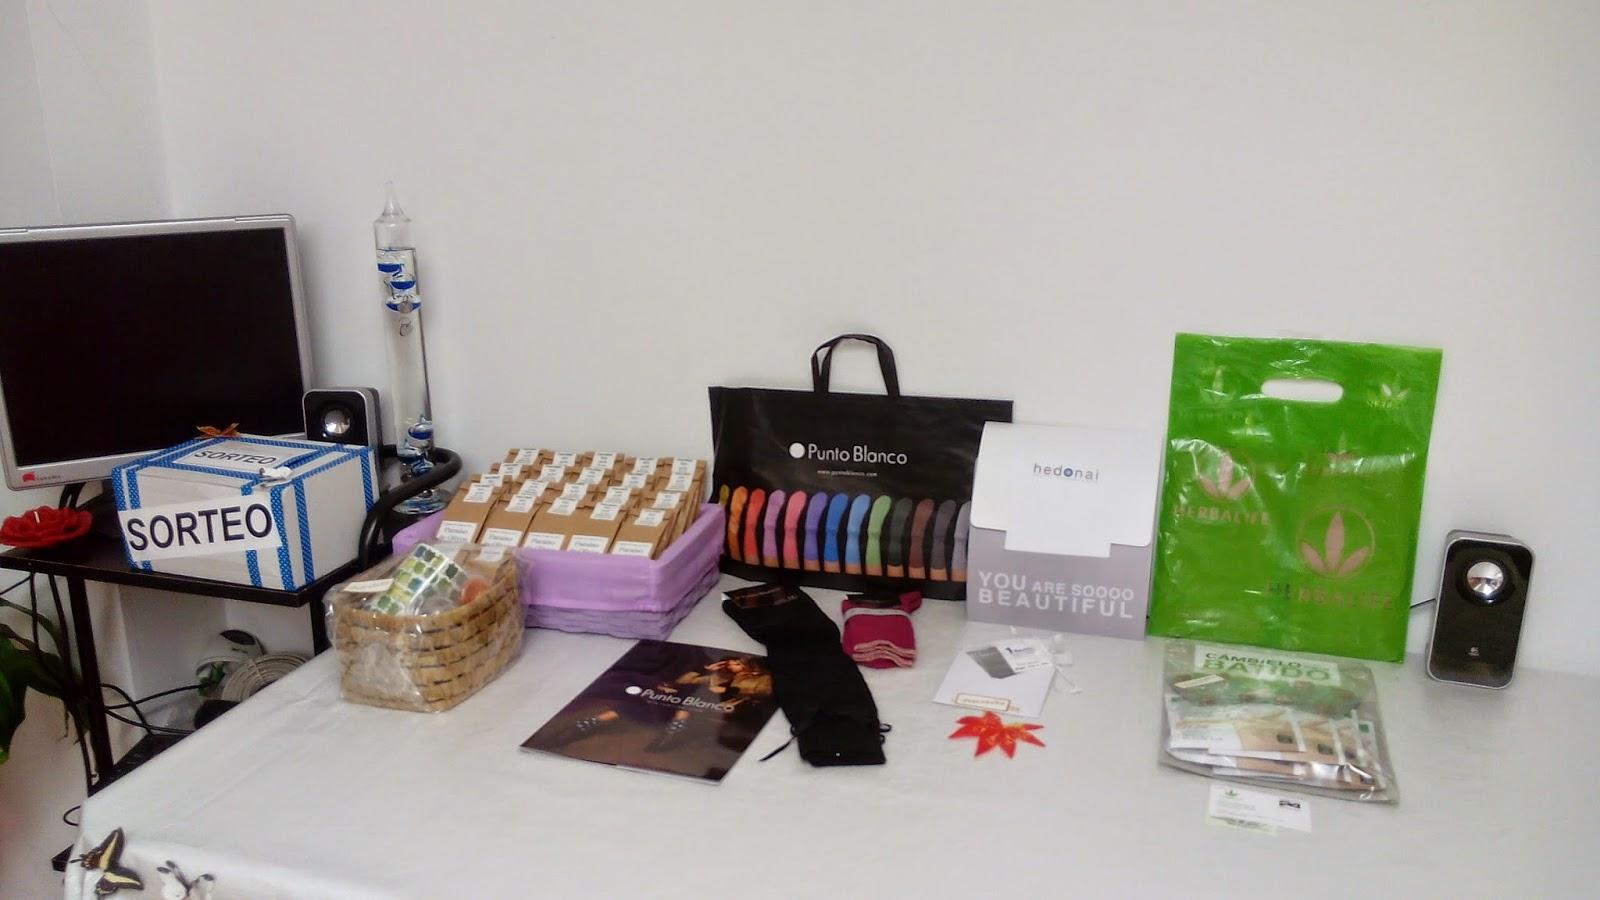 punto blanco como colaborador participantes del evento blogger de money makers fashion blog